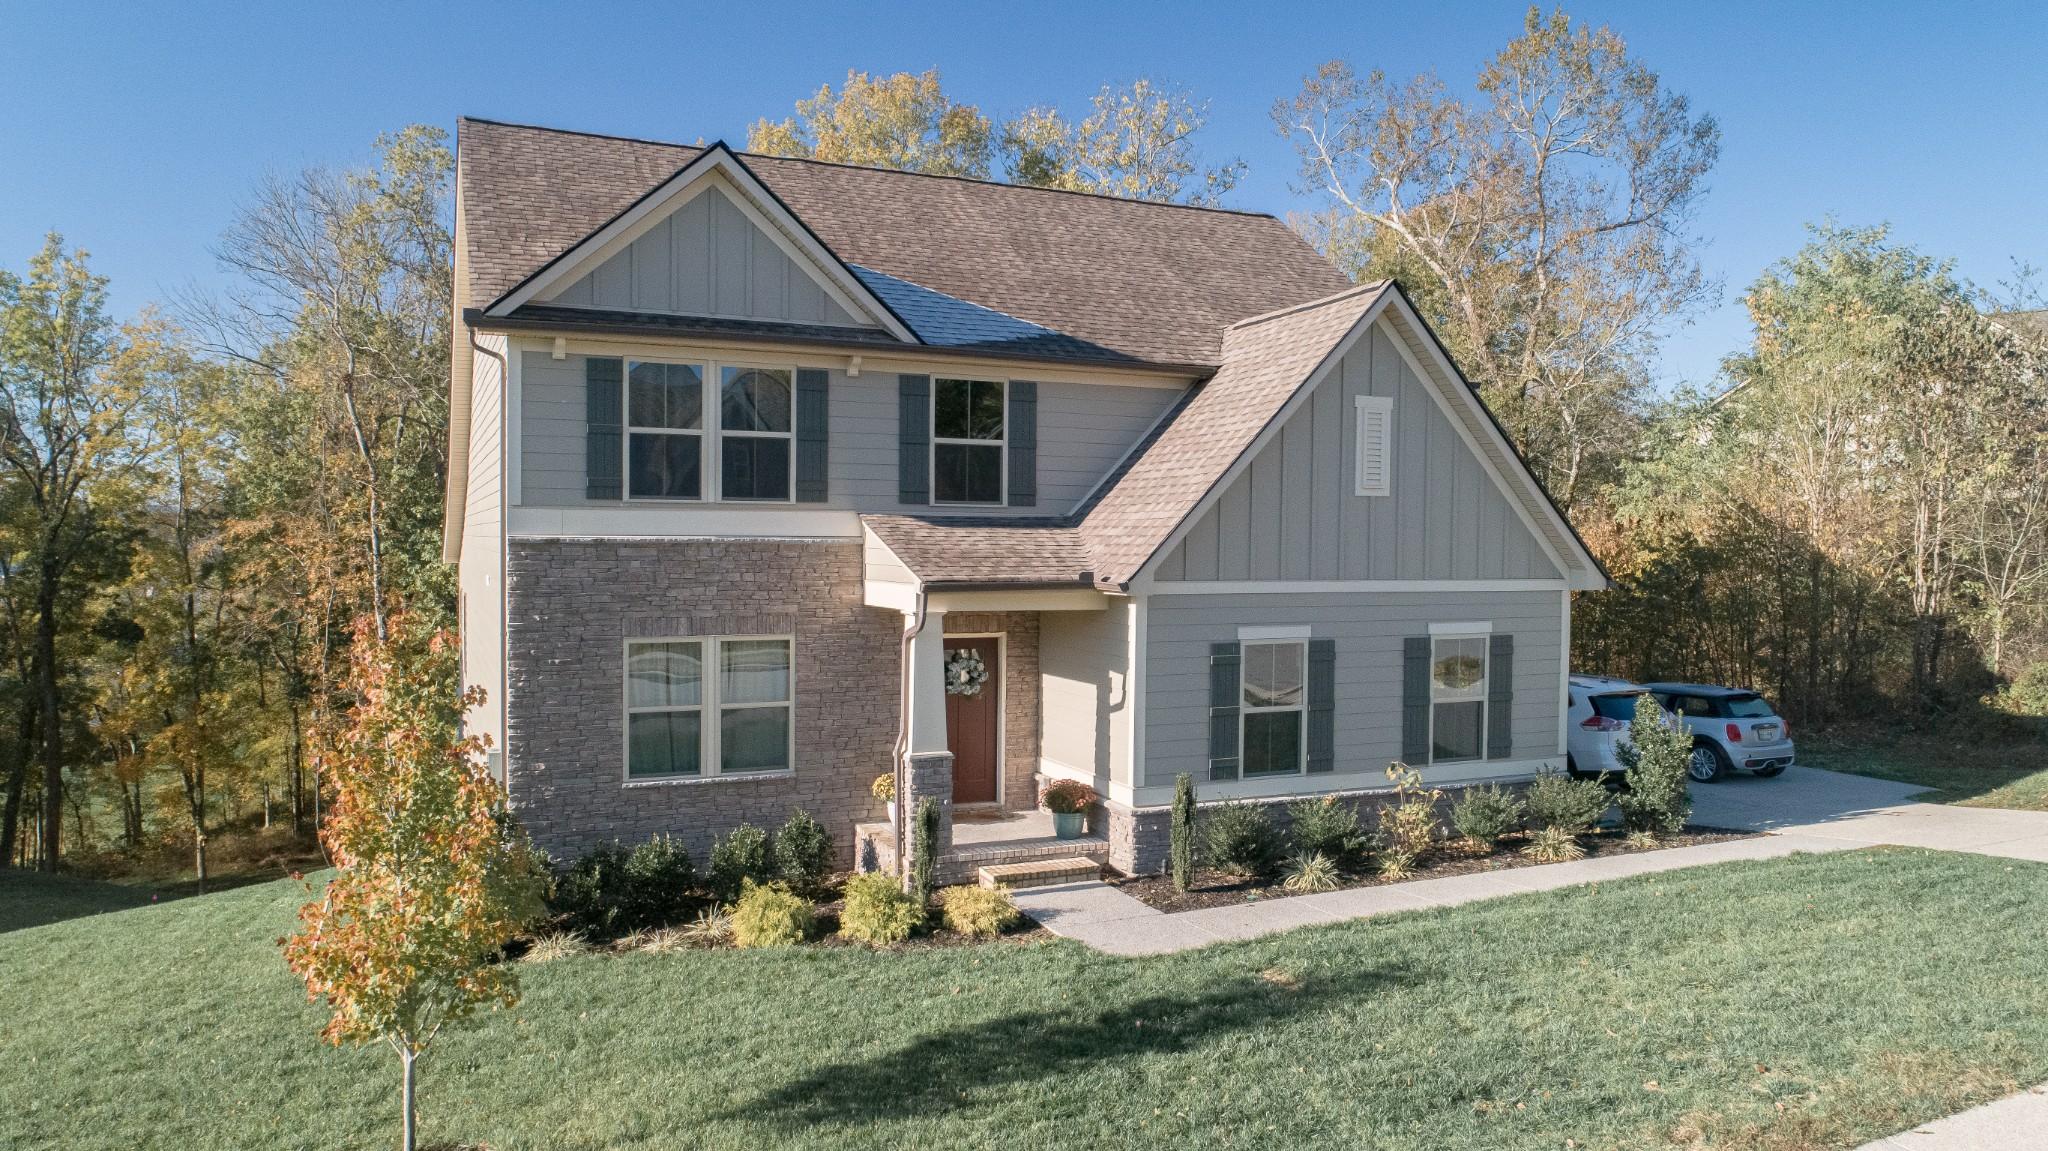 6820 Falls Ridge Ln, College Grove, TN 37046 - College Grove, TN real estate listing